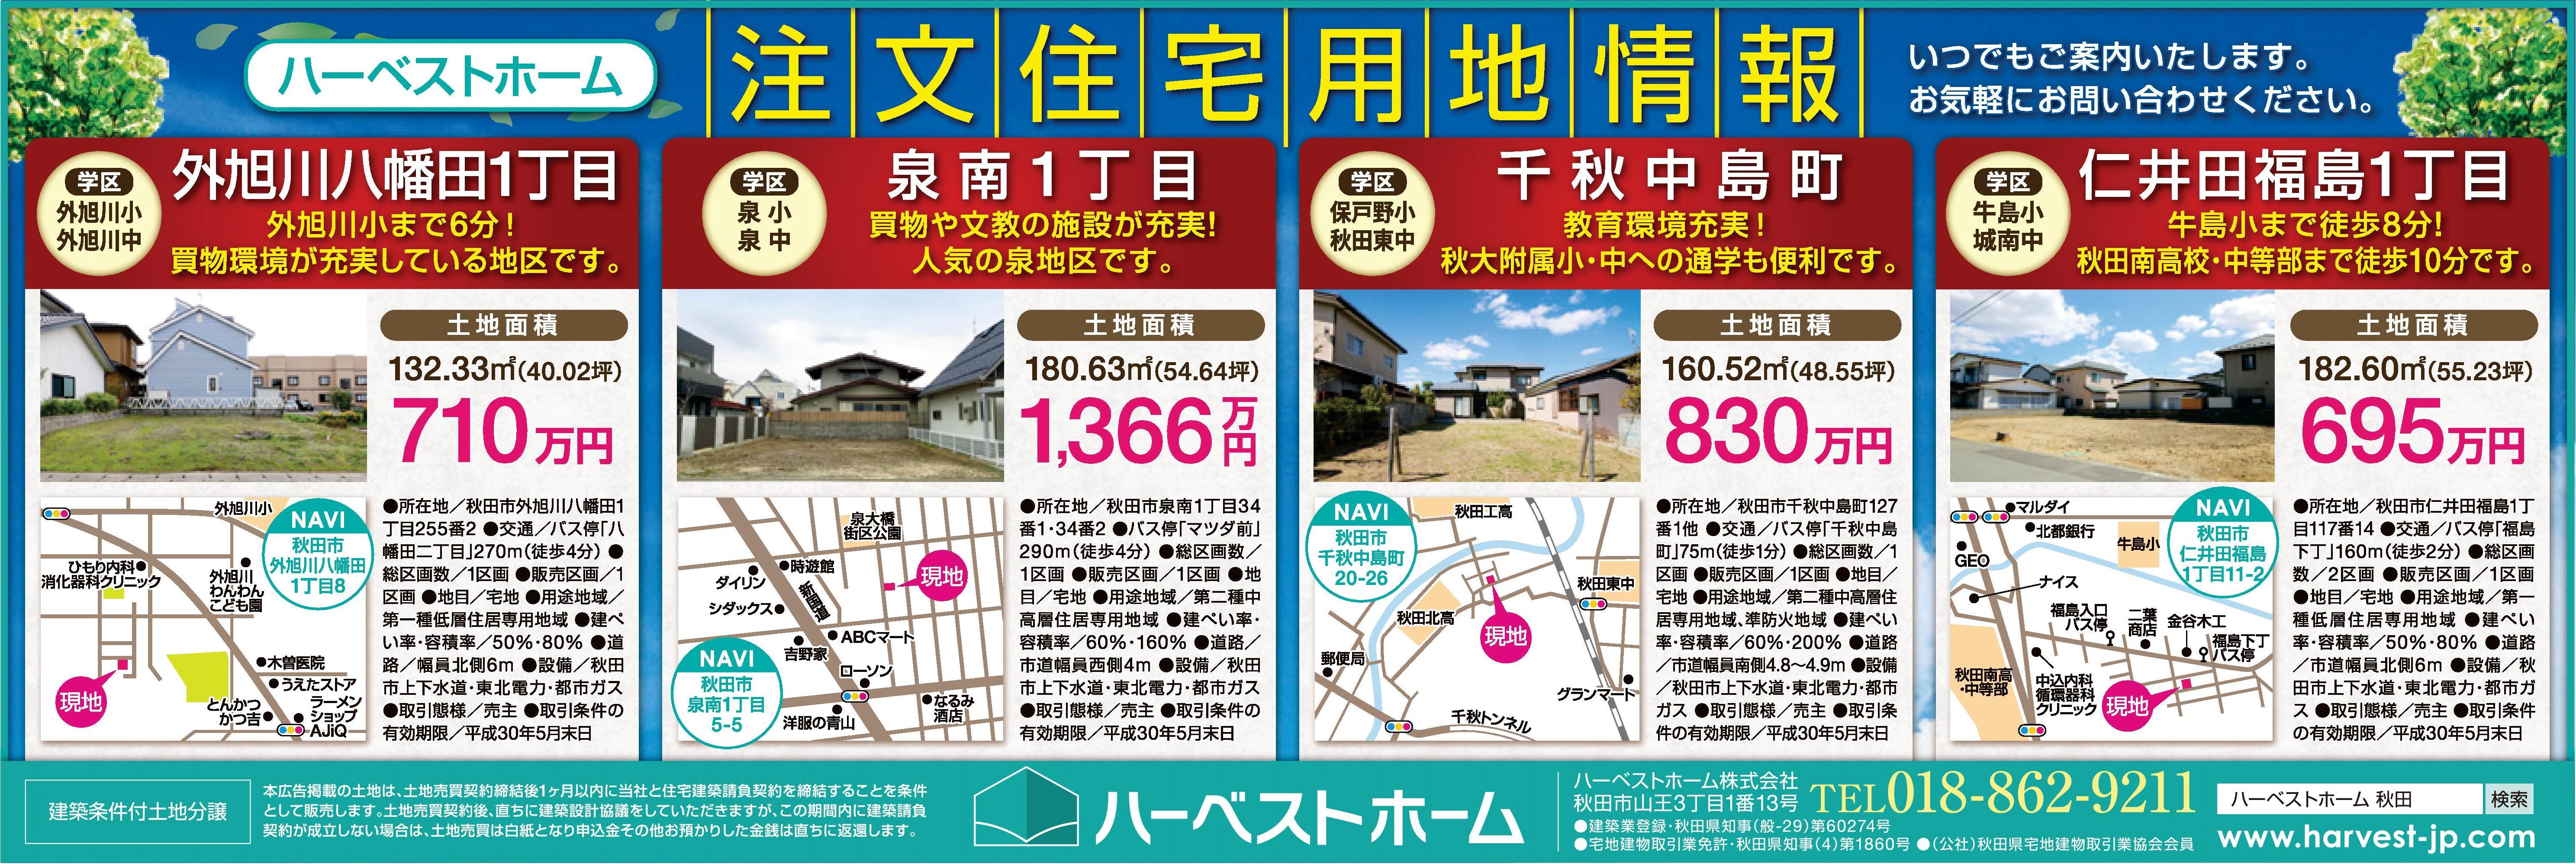 注文住宅用の土地情報が公開されます。